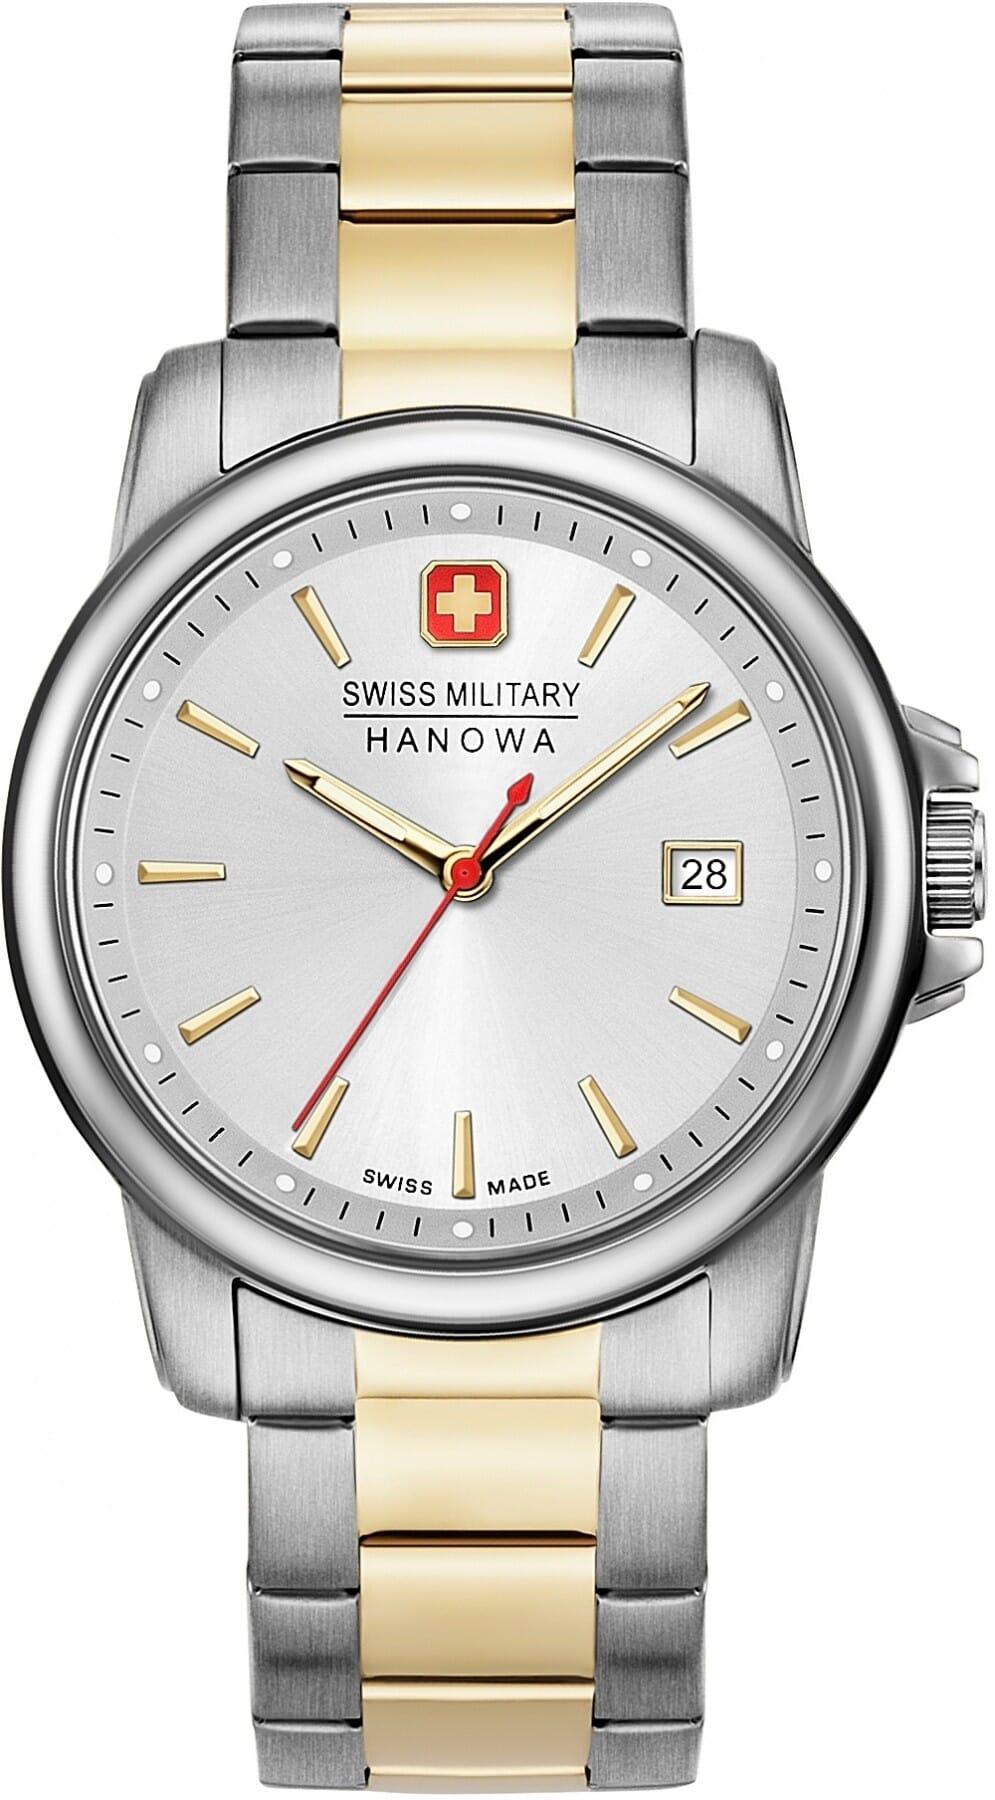 Swiss Military Hanowa 06-5230.7.55.001